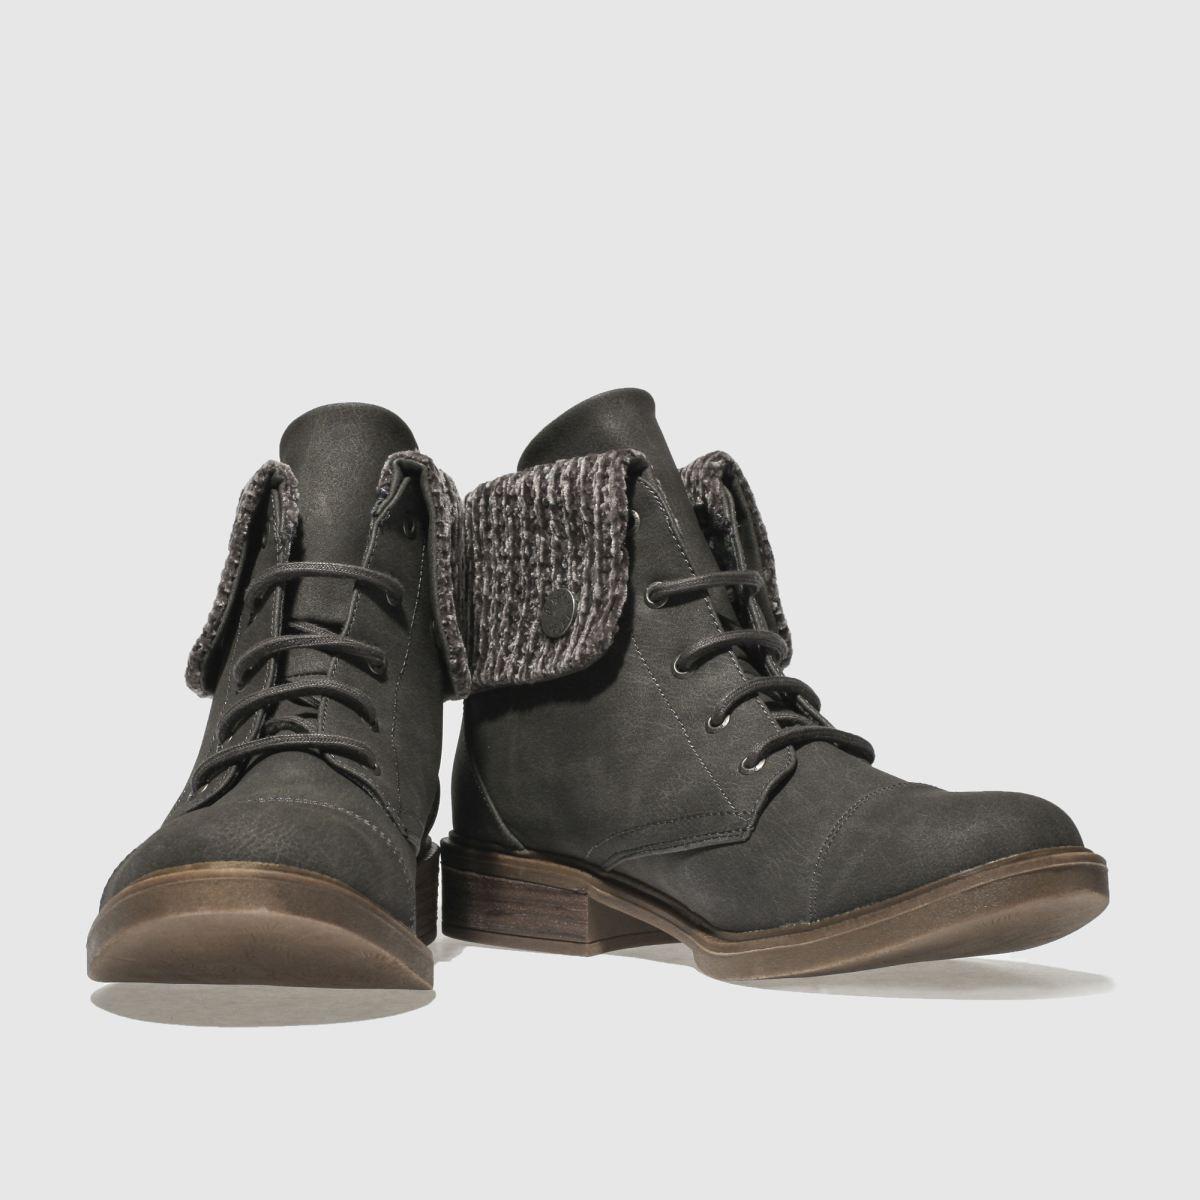 Damen Grau blowfish Gute Virtrue Boots | schuh Gute blowfish Qualität beliebte Schuhe 3d43f7